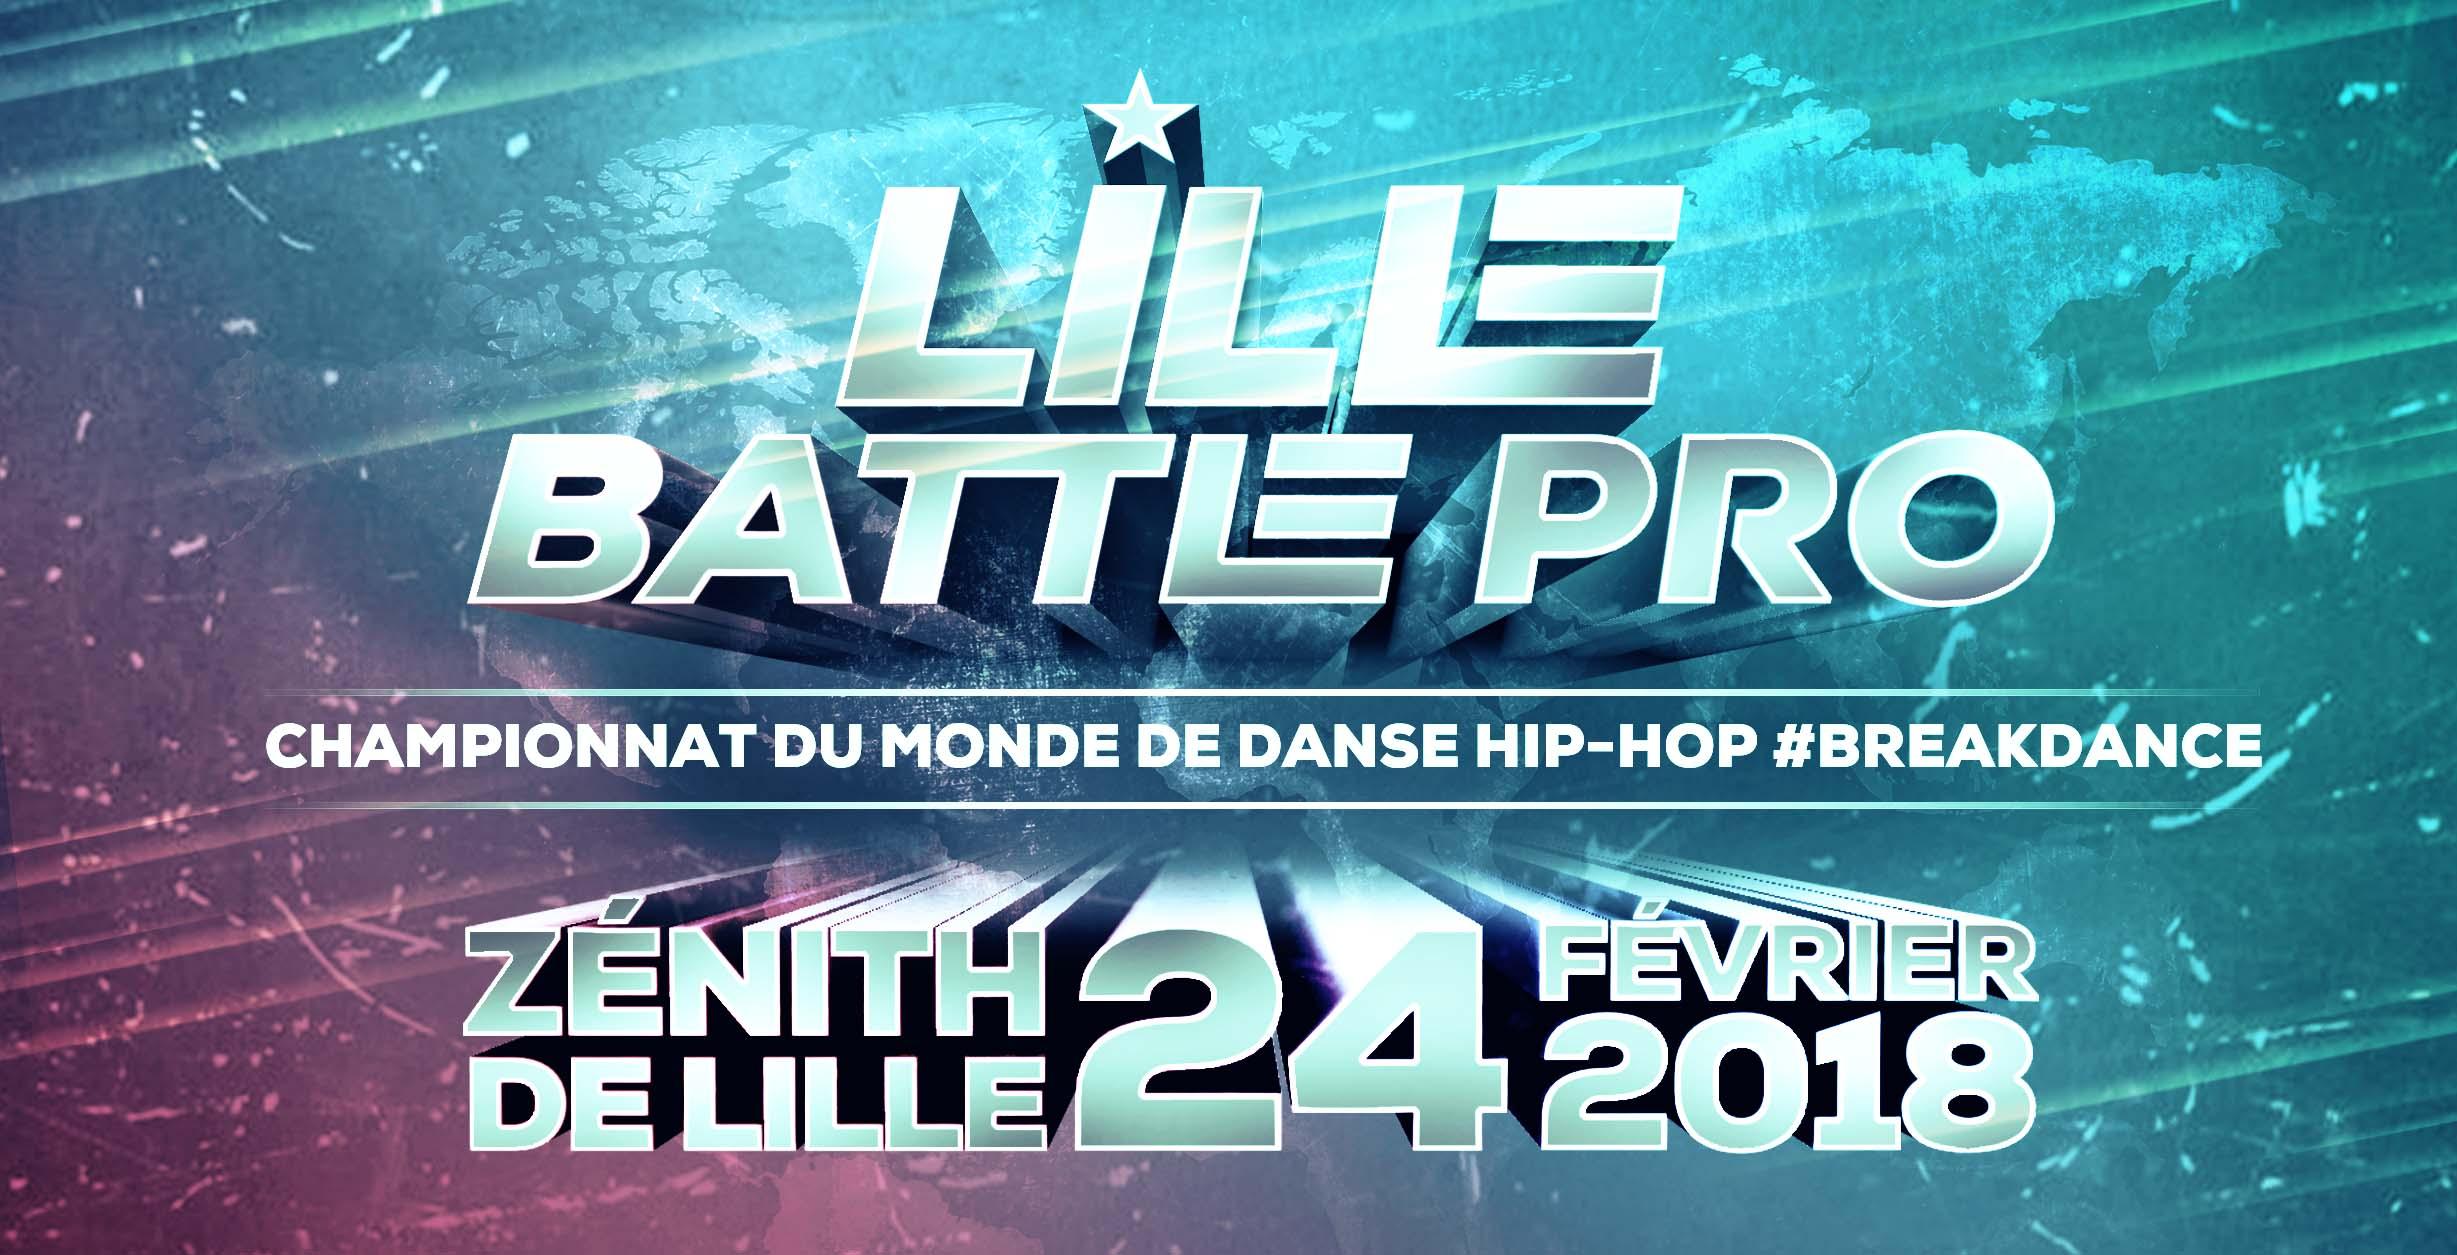 LILLE BATTLE PRO